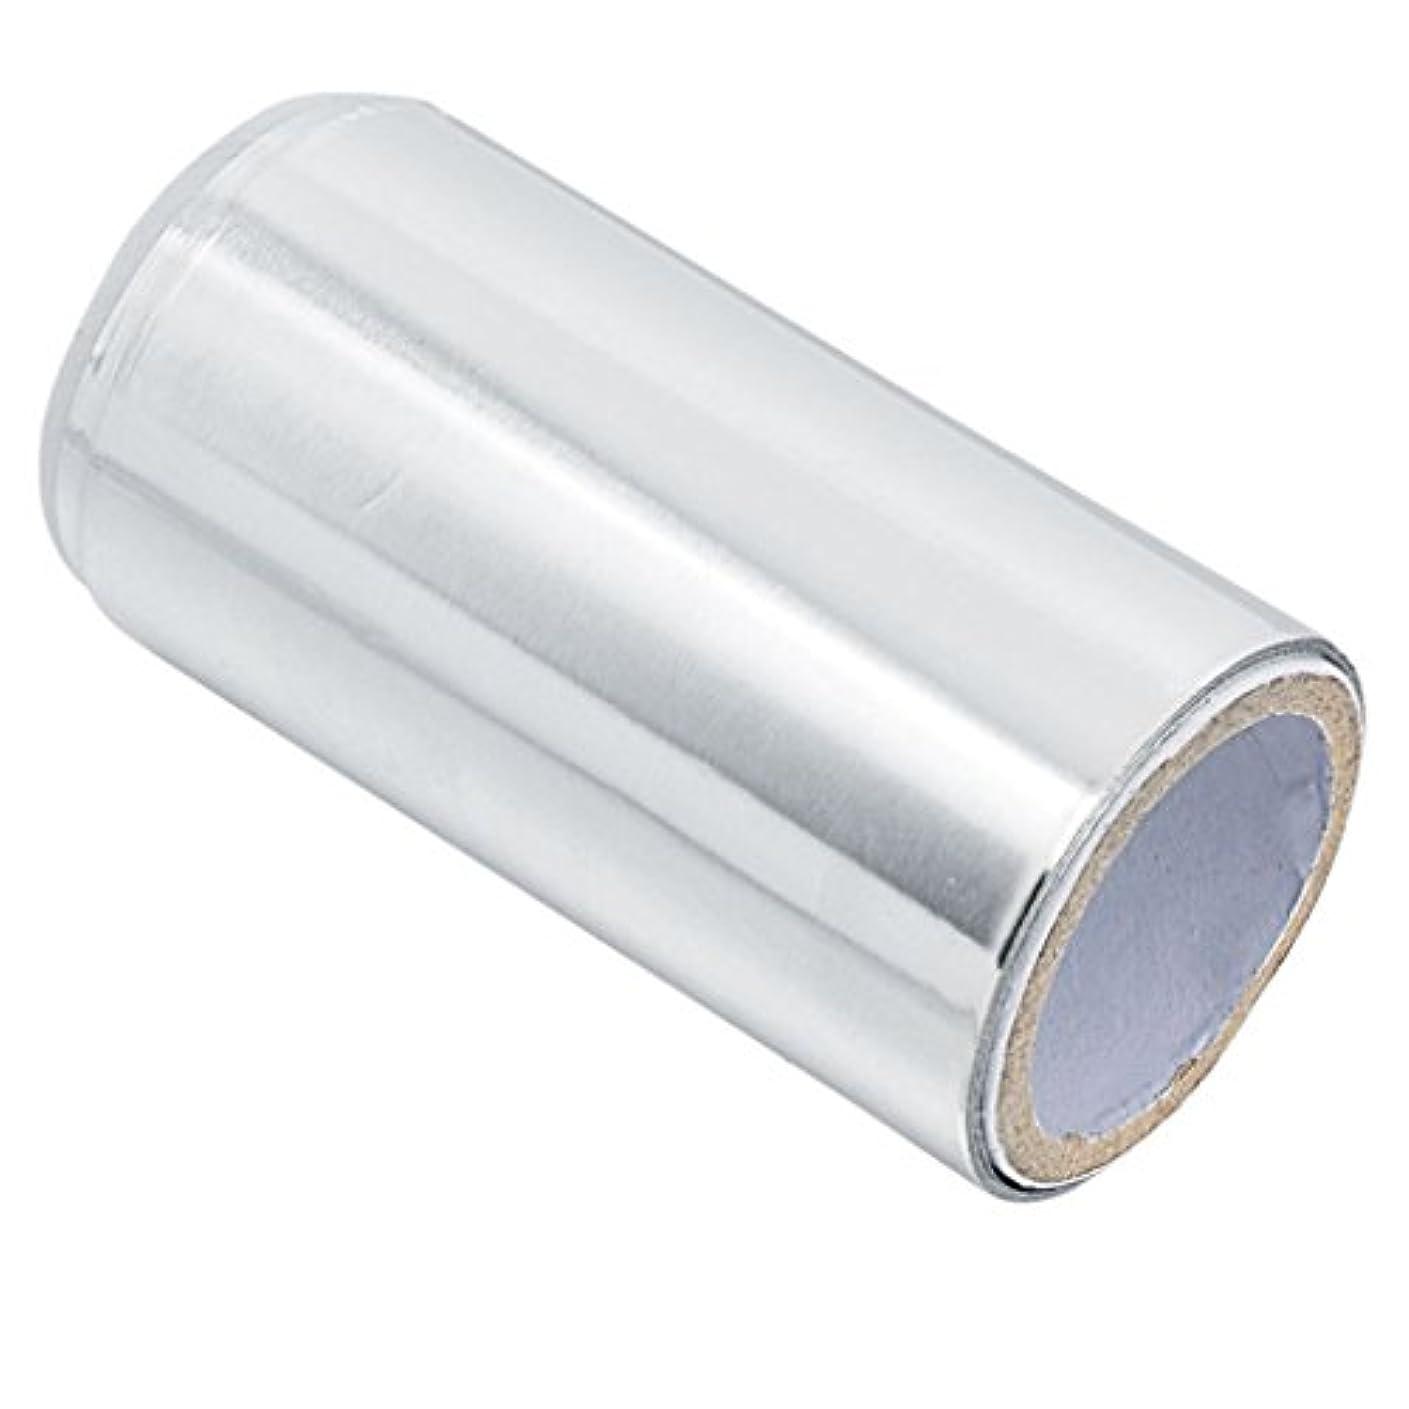 飢えた出発する壊すCUTICATE マニキュア錫箔紙 ヘア/ネイル用 ジェル除却 ヘアパーマ 約5m